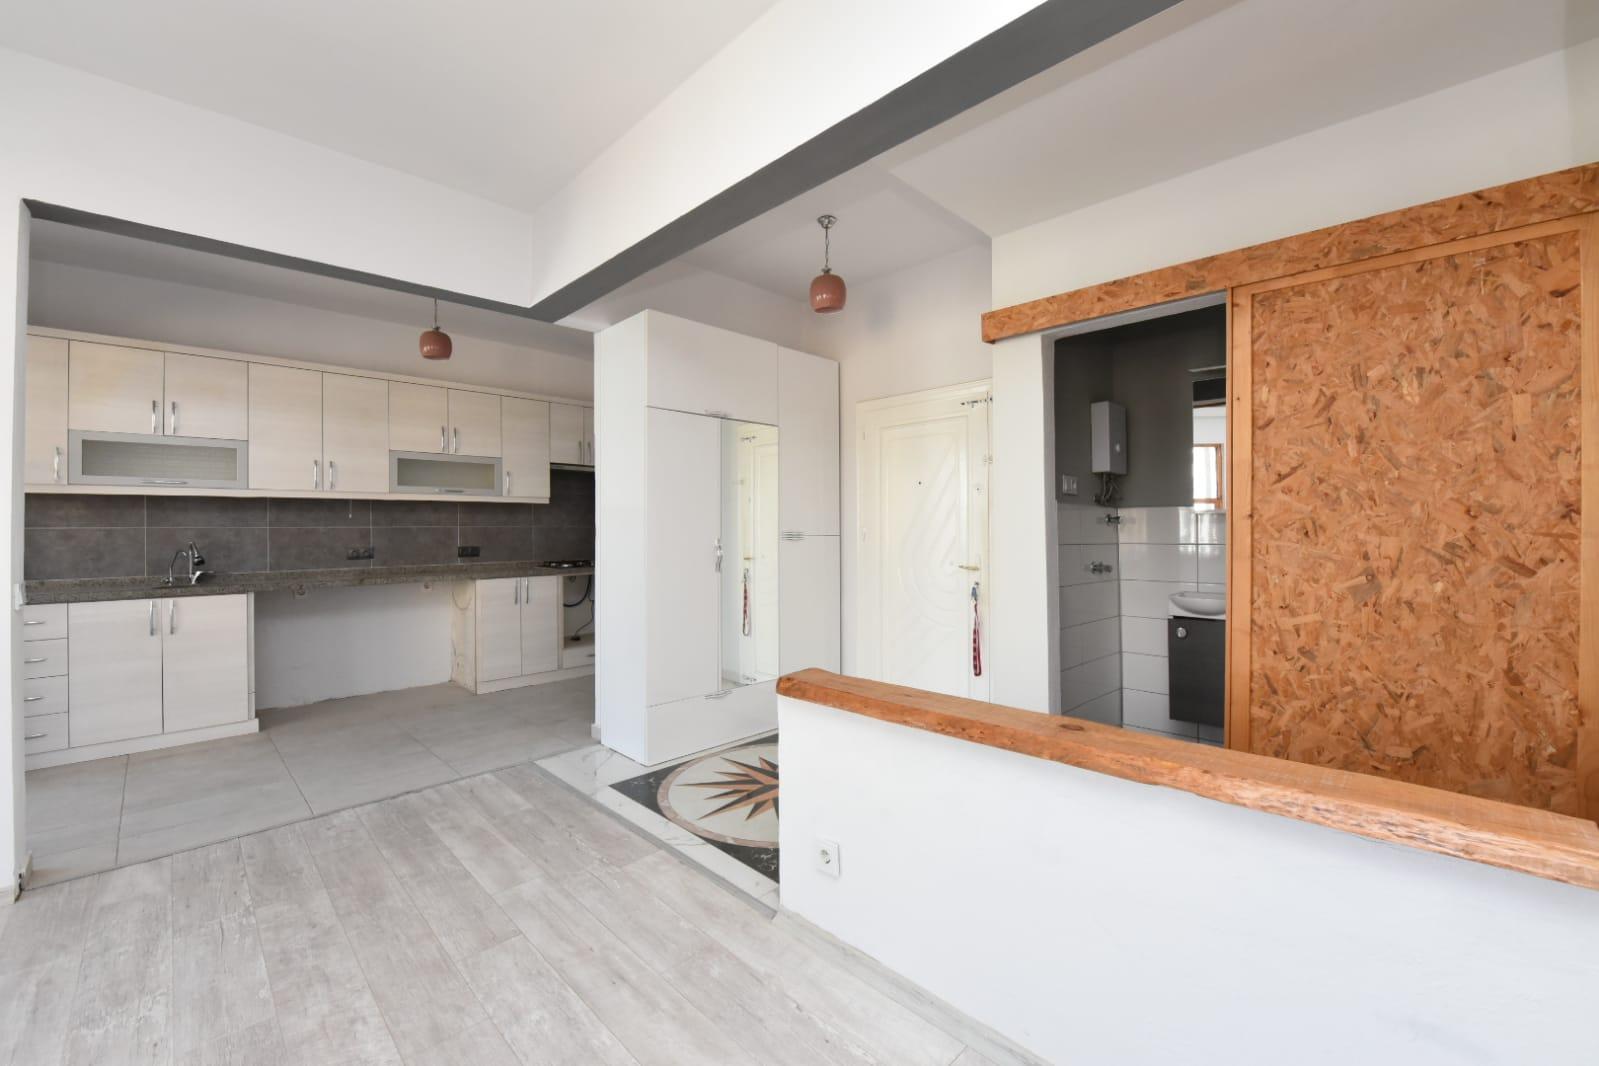 Трёхкомнатная квартира у пляжа Клеопатры по очень приятной цене - Фото 9